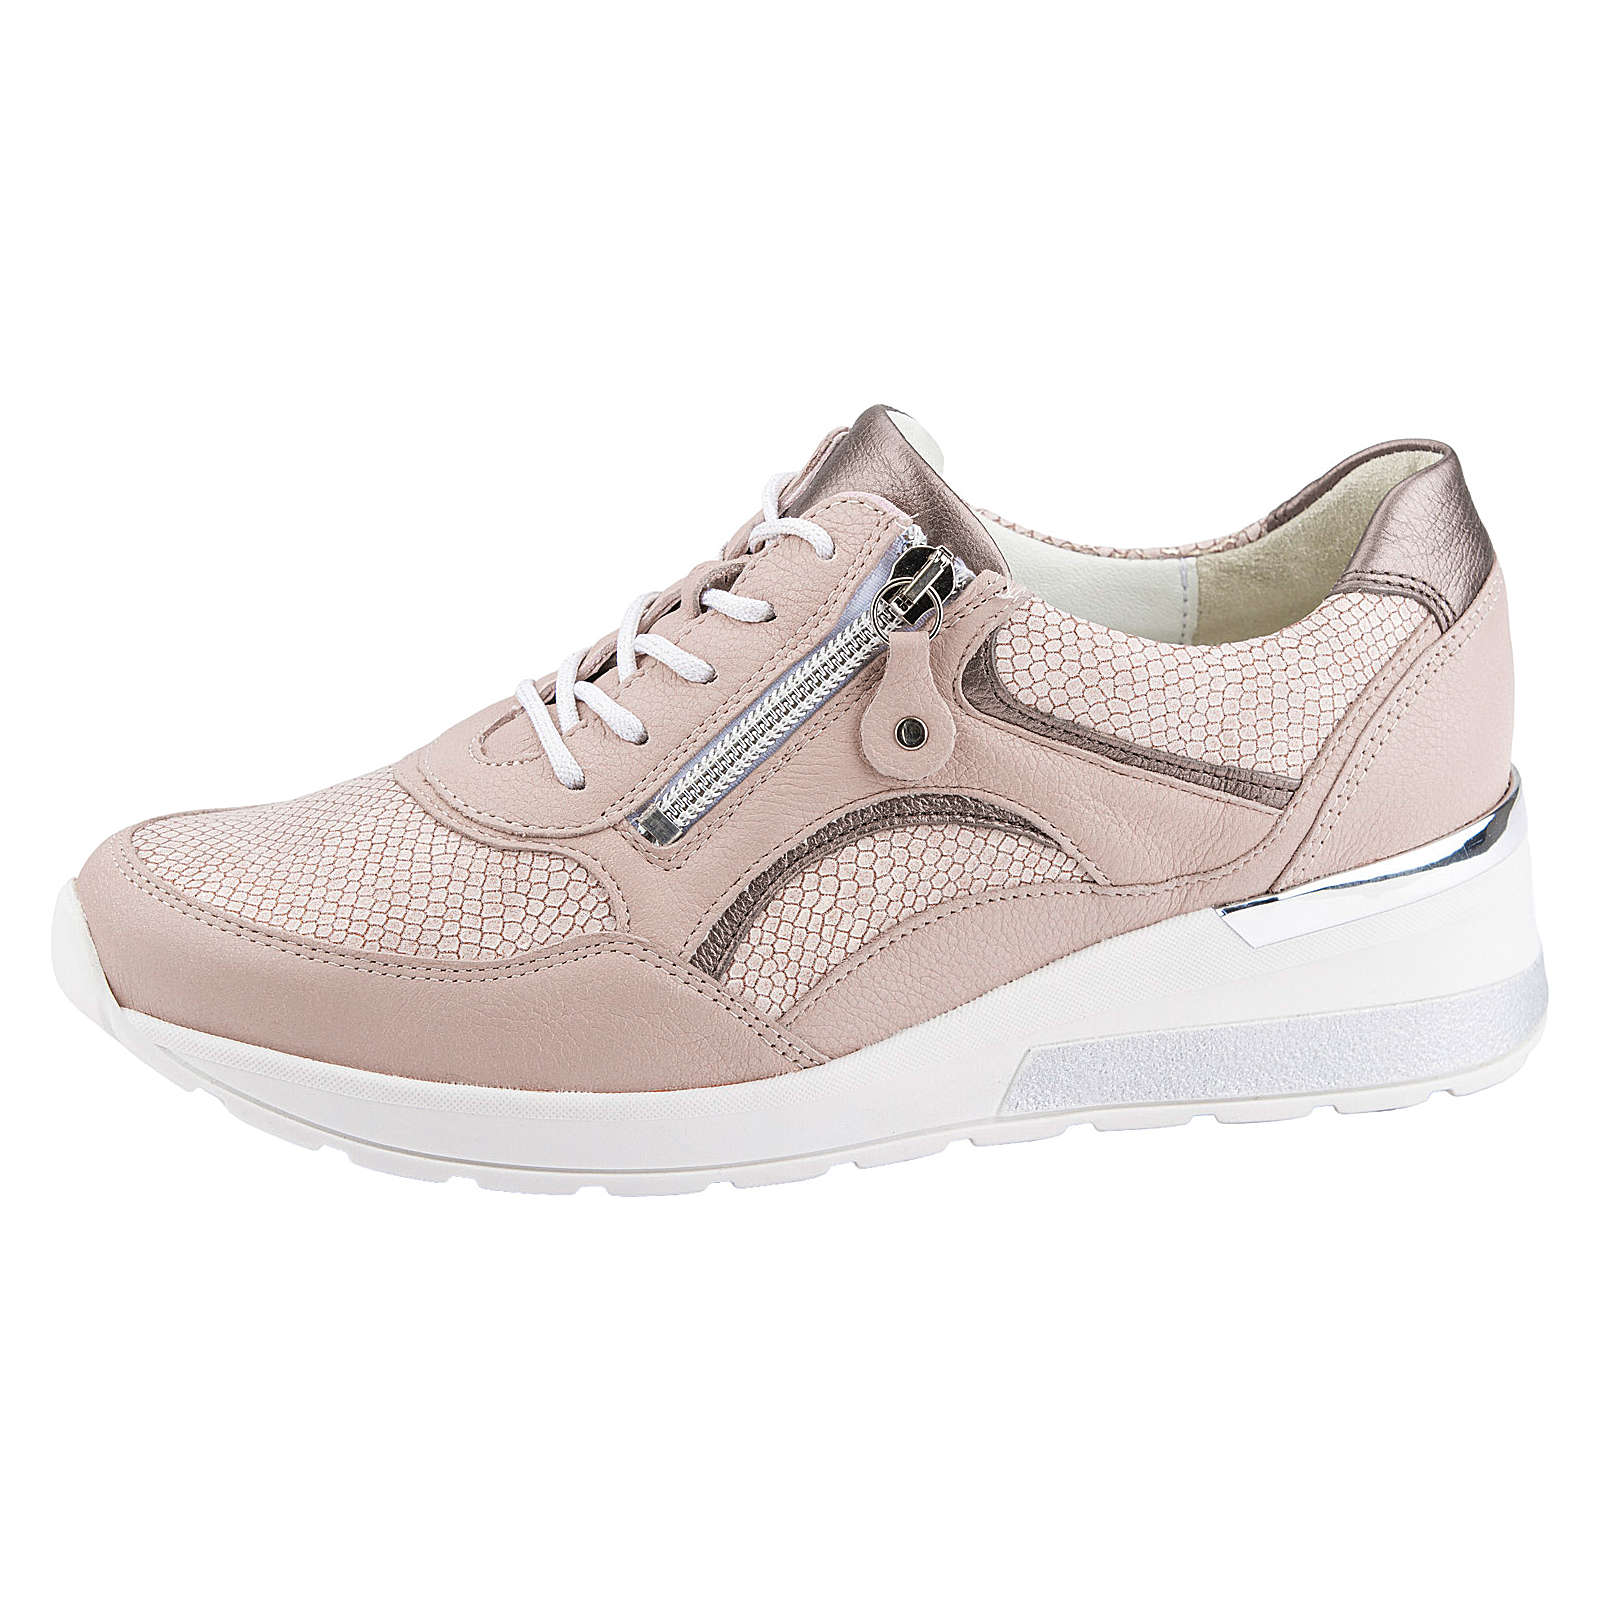 WALDLÄUFER H-clara Sneakers Low nude Damen Gr. 38